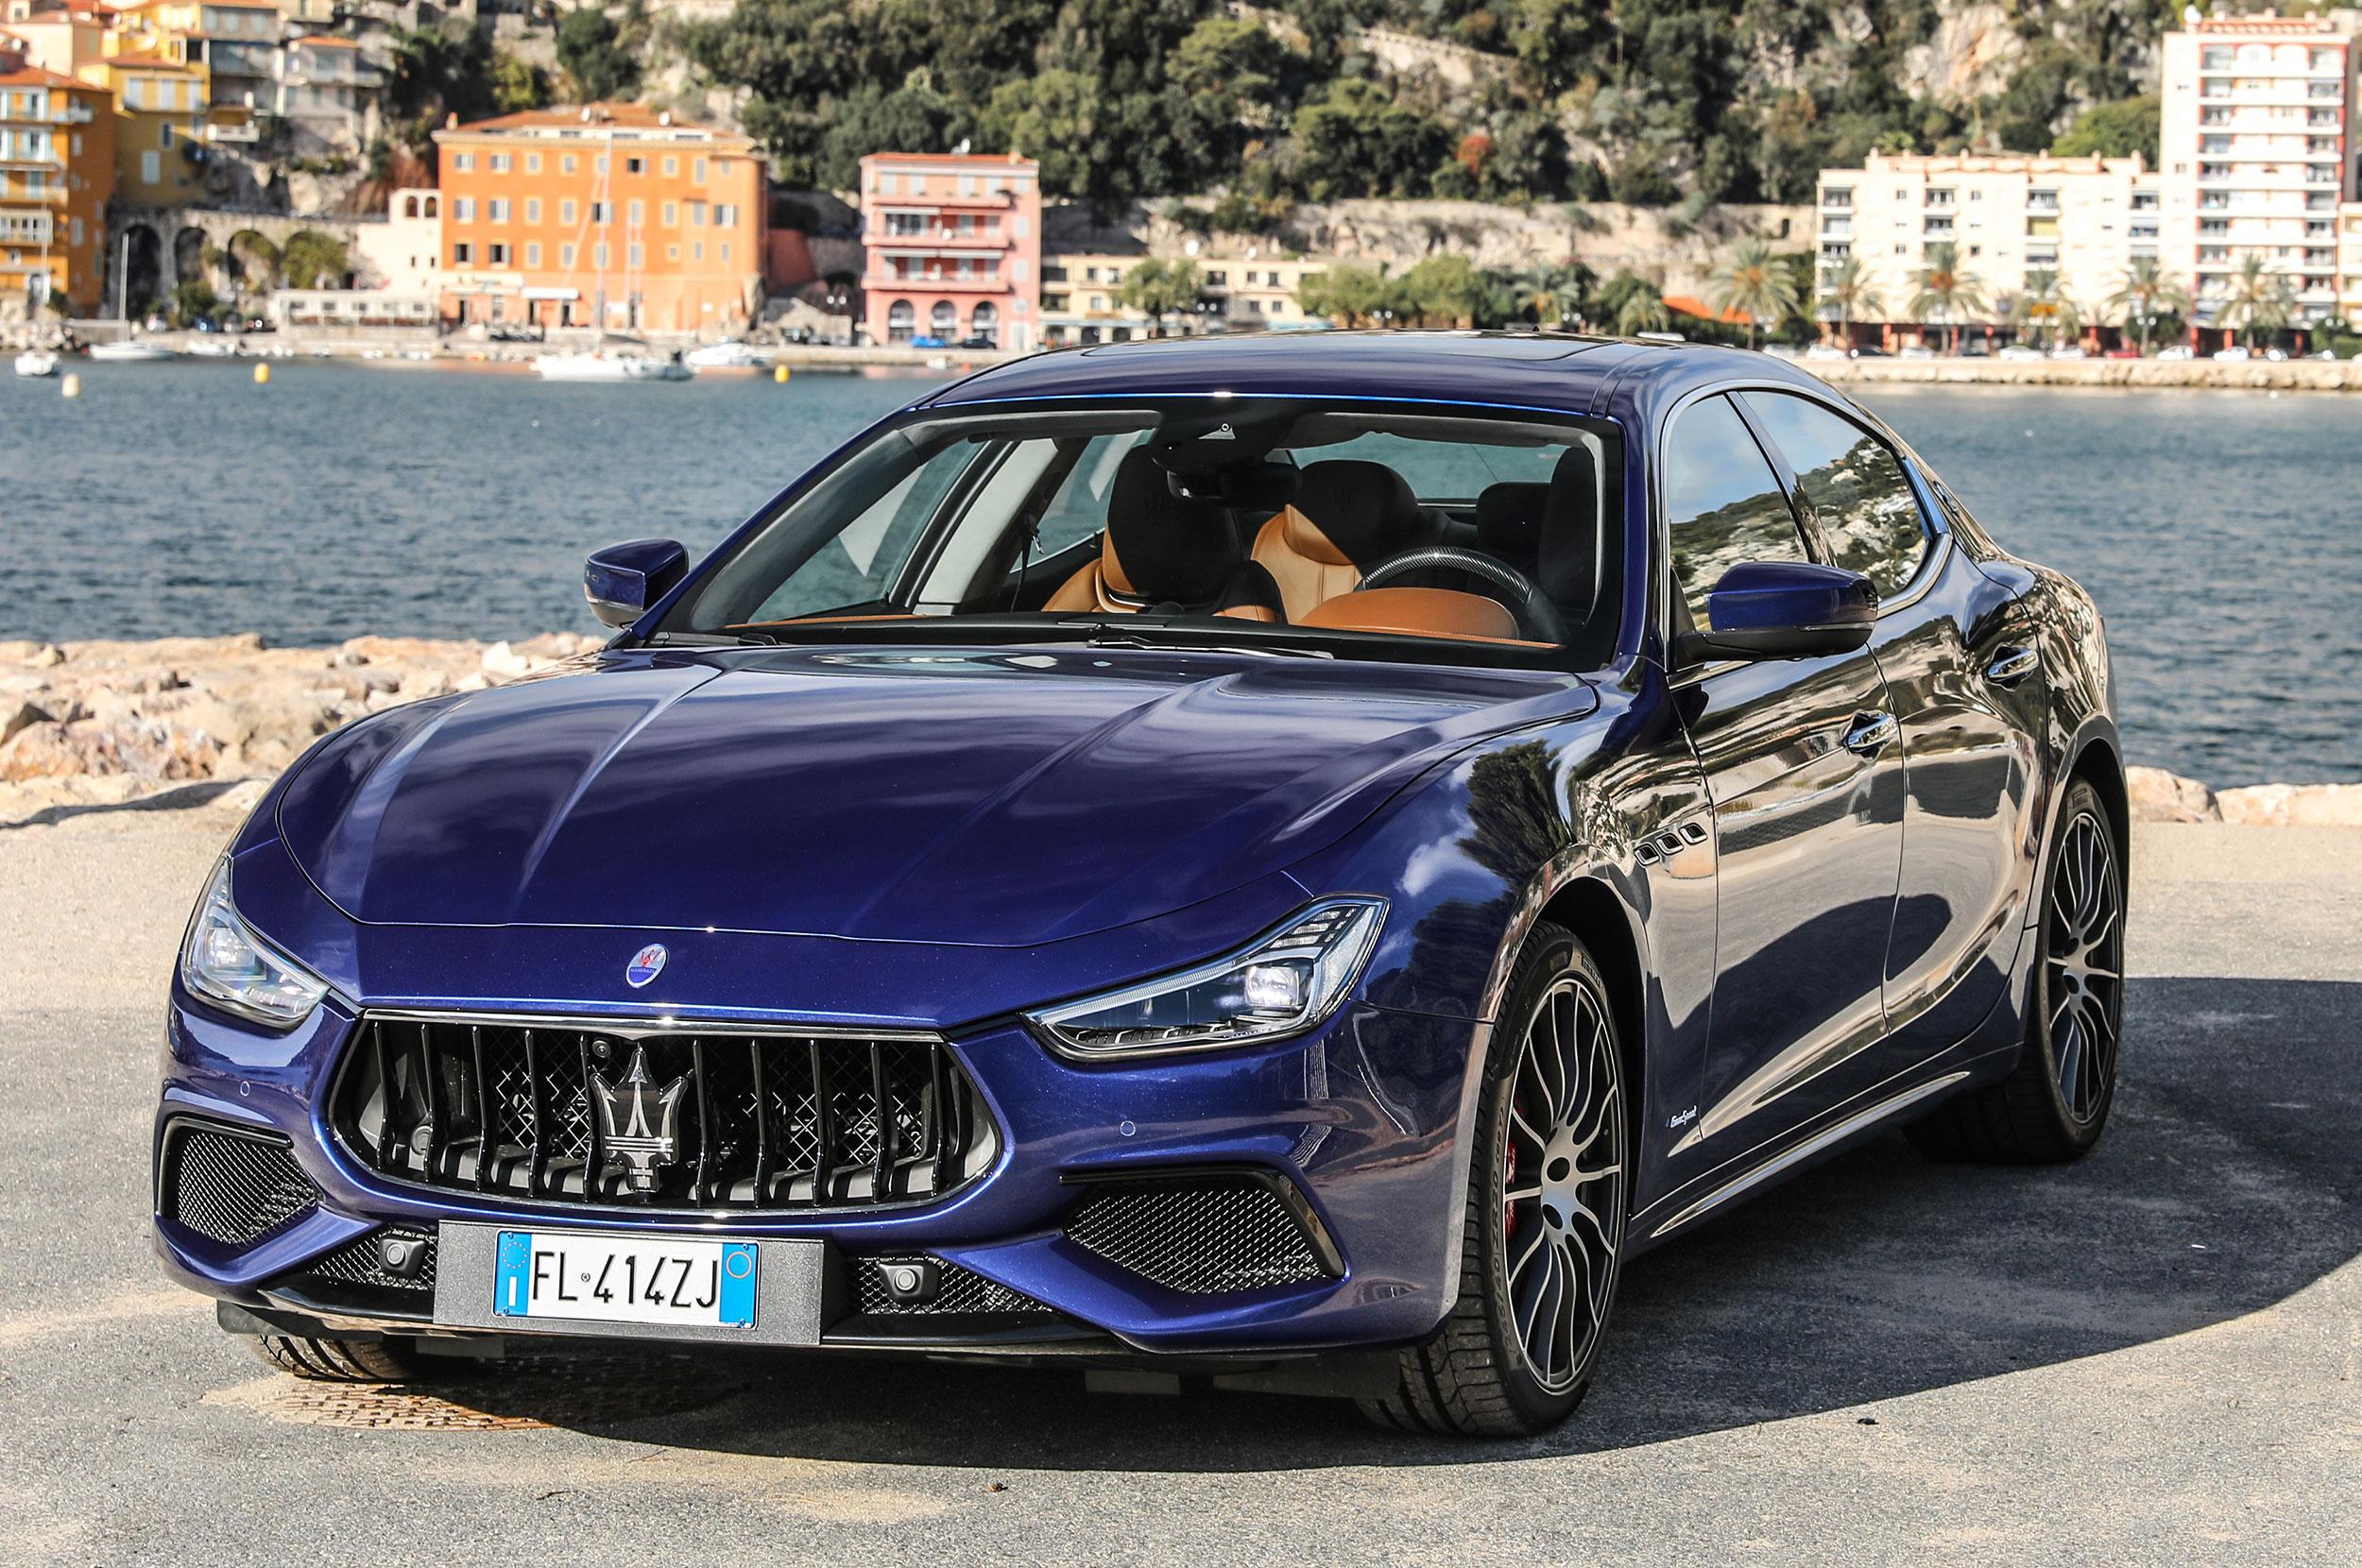 2019 Maserati Ghibli Photos And Videos